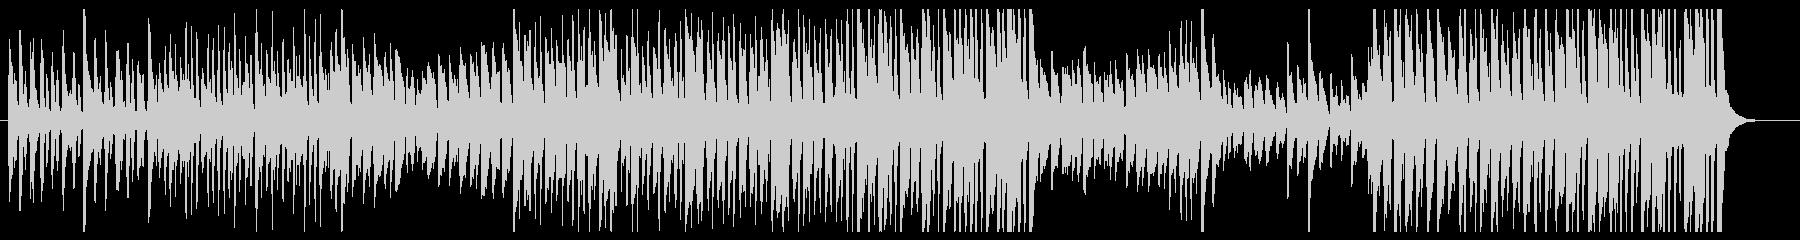 可愛い感じピアノアコースティックの未再生の波形